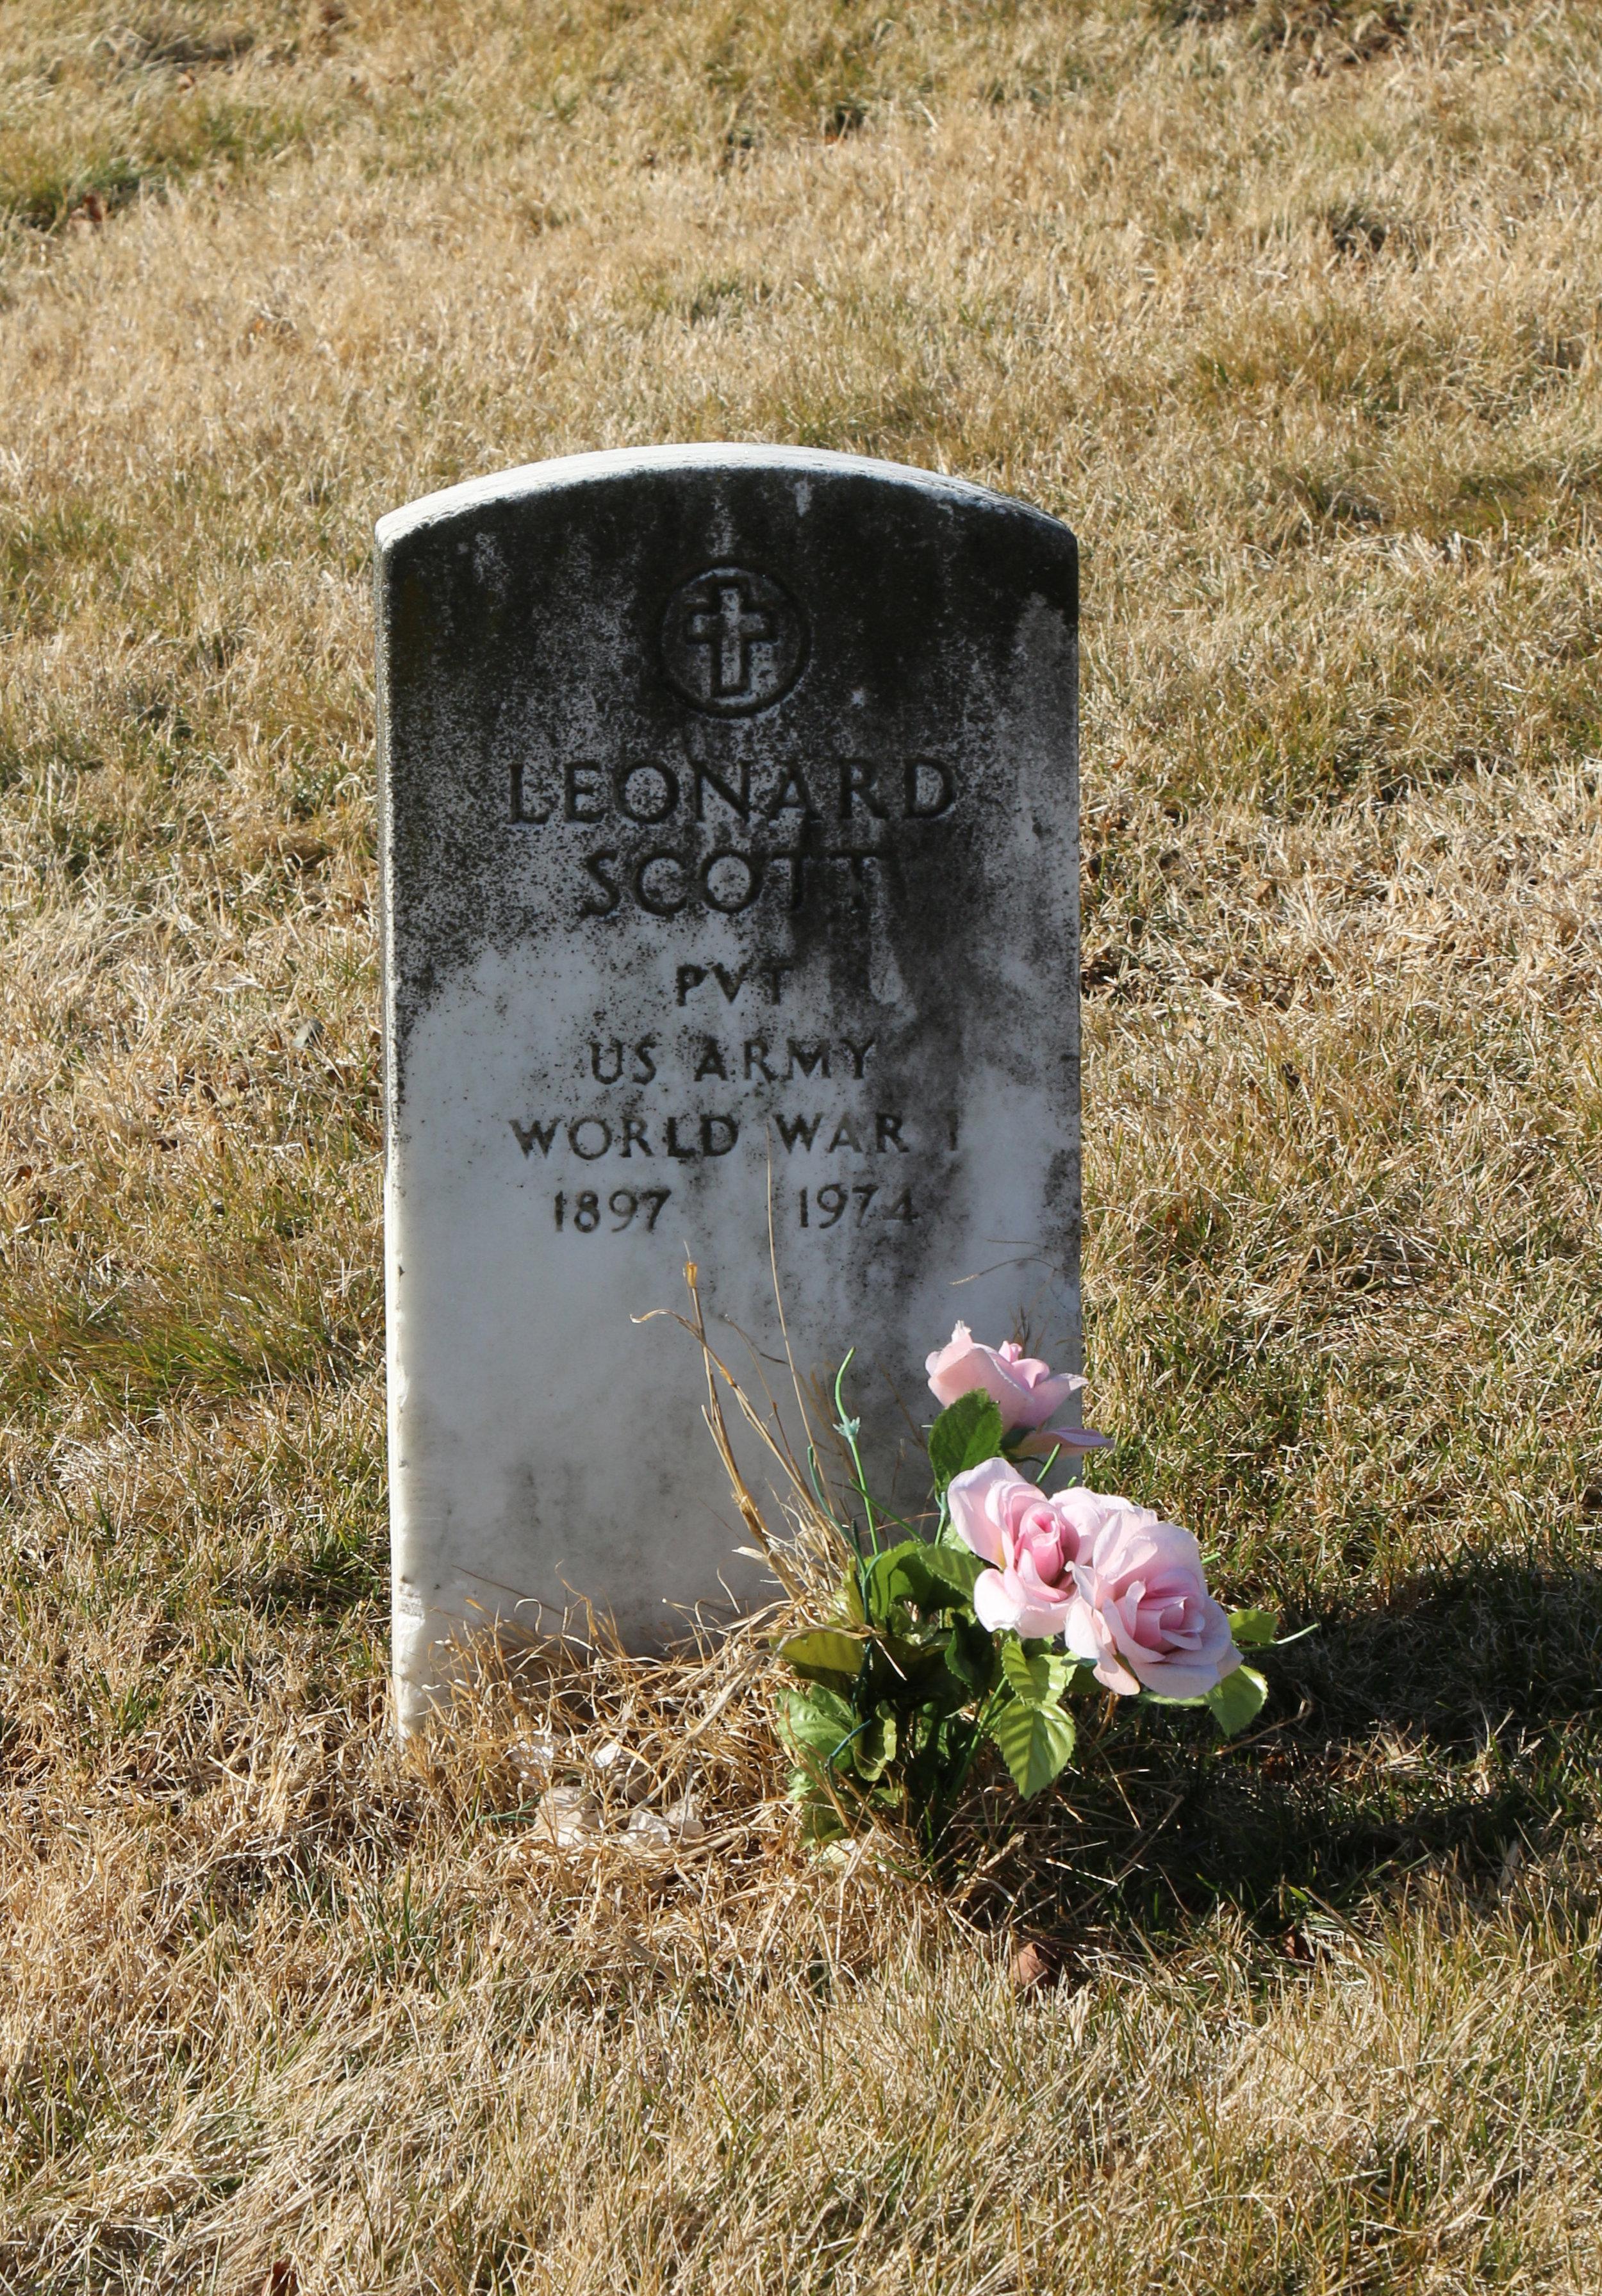 Pvt. Leonard Scott US Army world war i 1897 – 1974